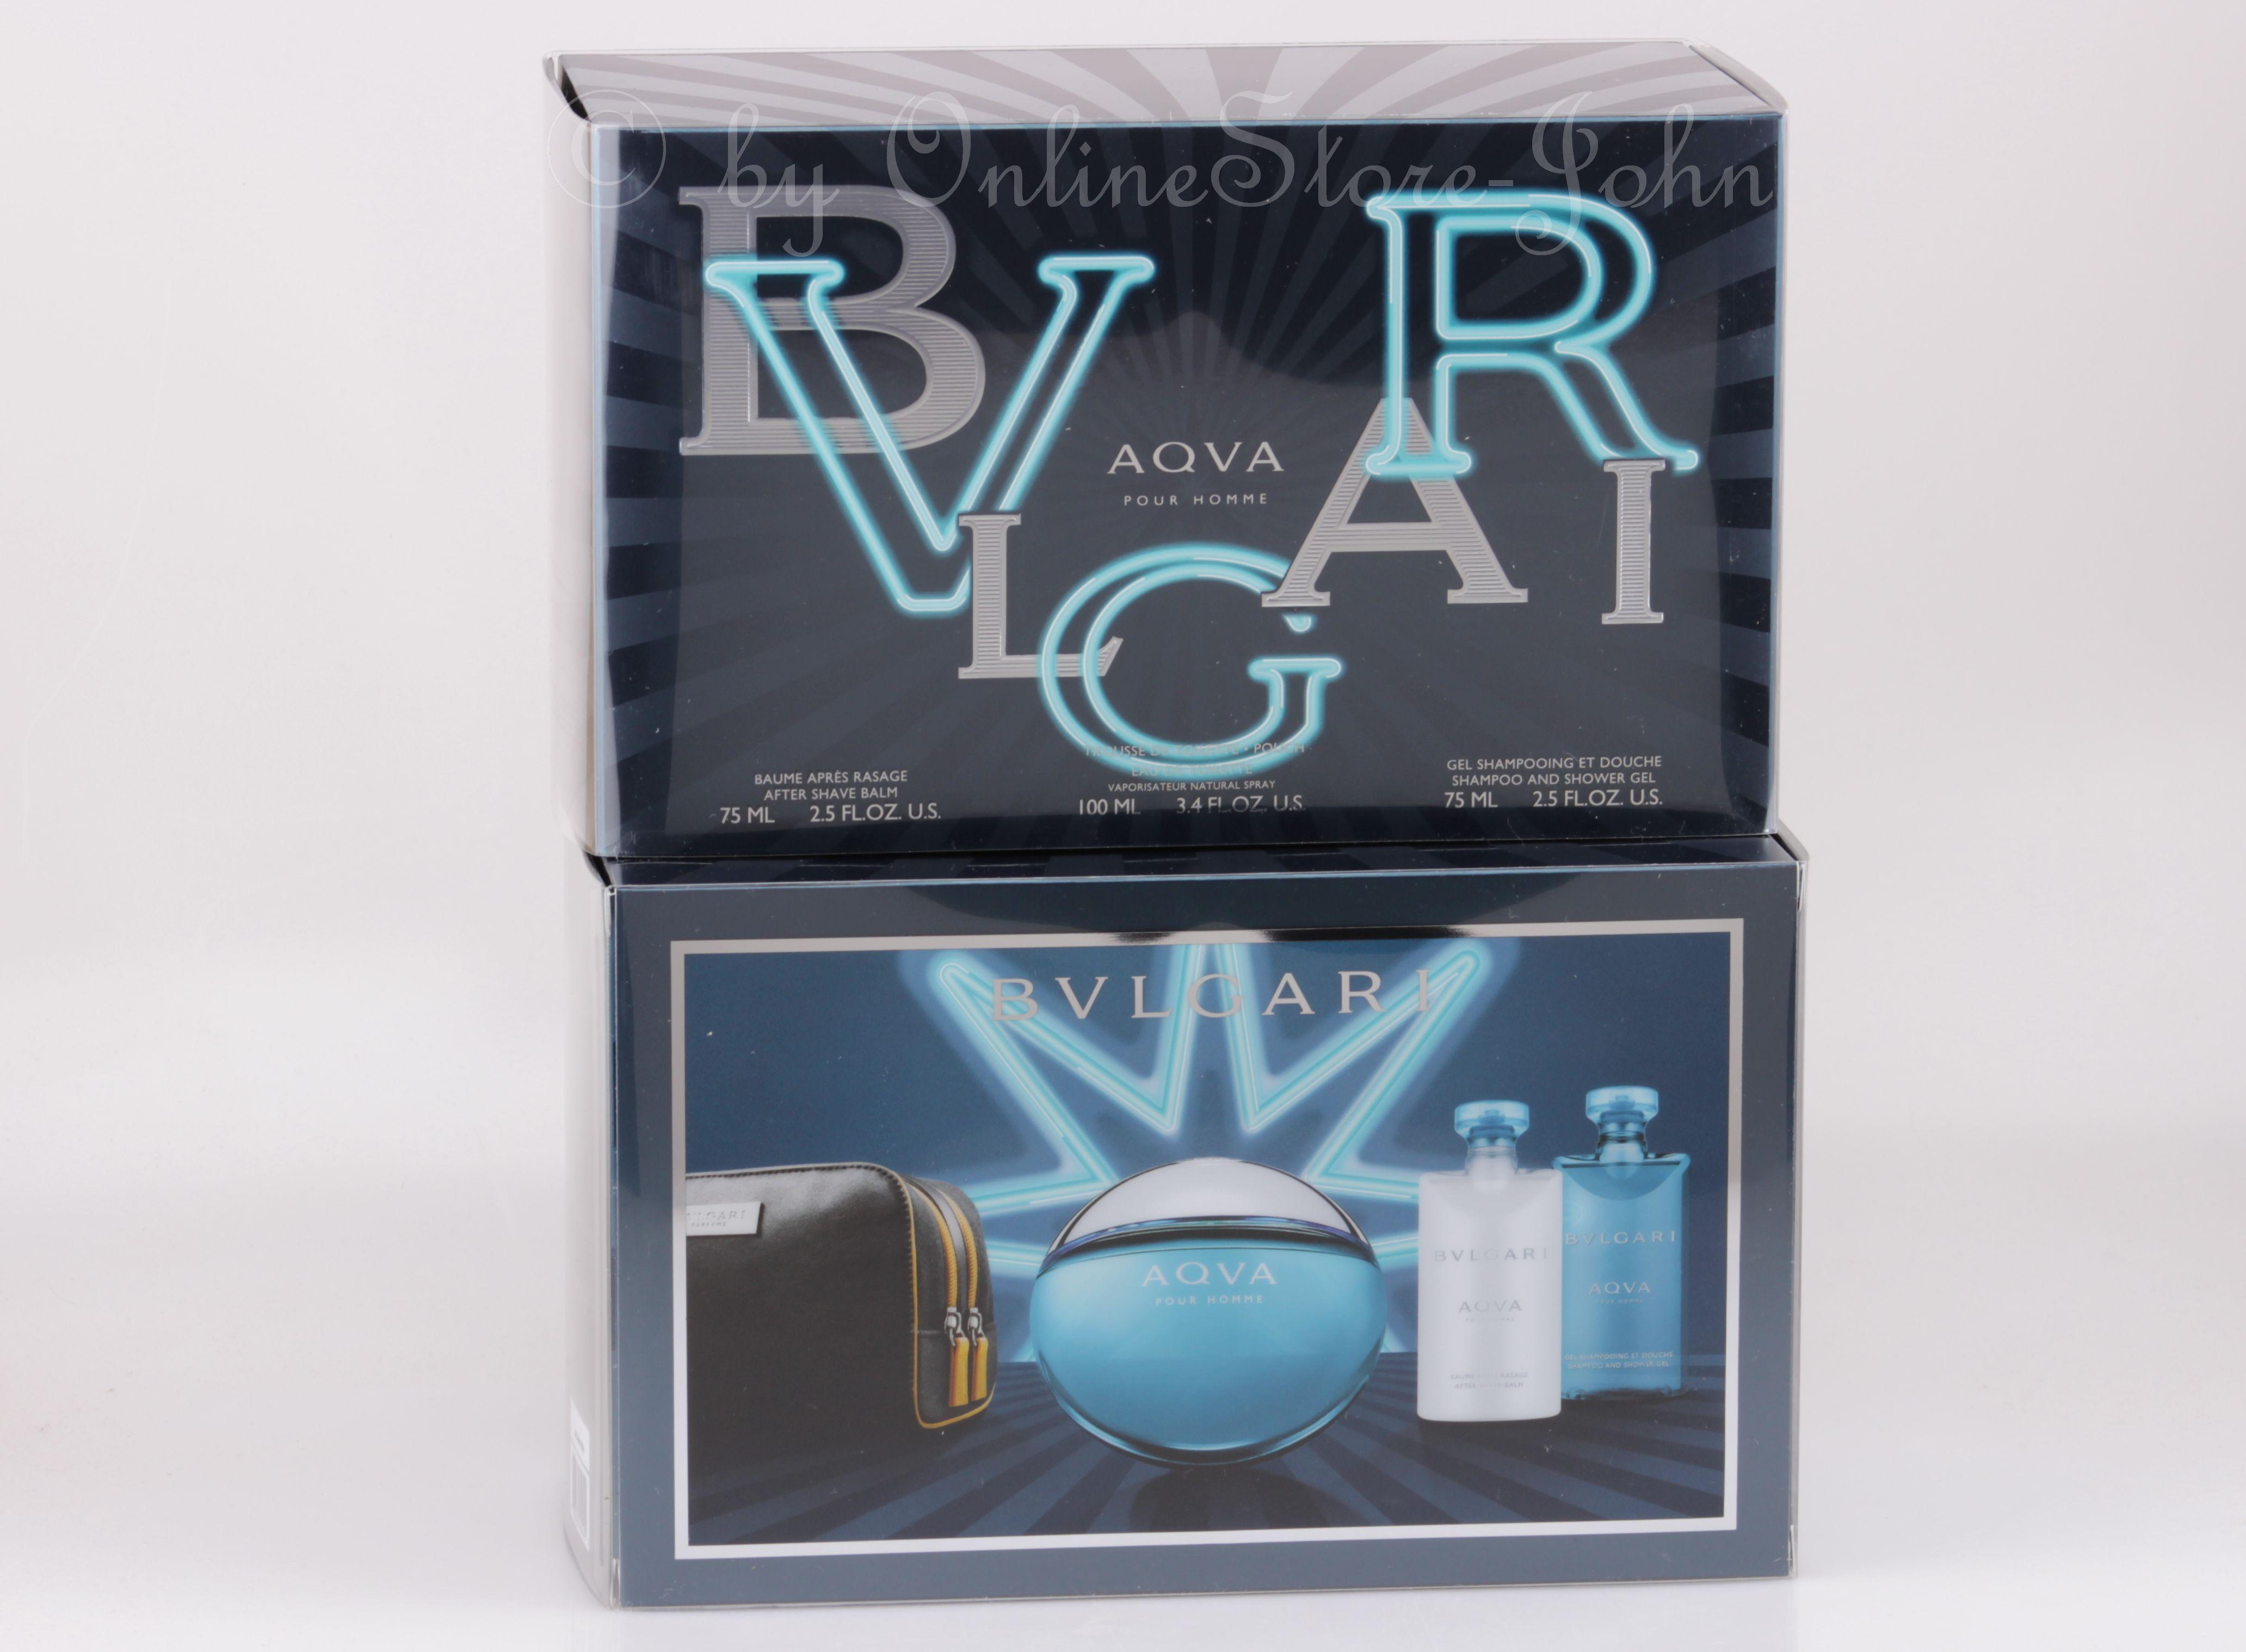 2b8e2862342 Bvlgari - Aqva Pour Homme Set - 100ml Edt + 75ml Asb + Sg + Bag